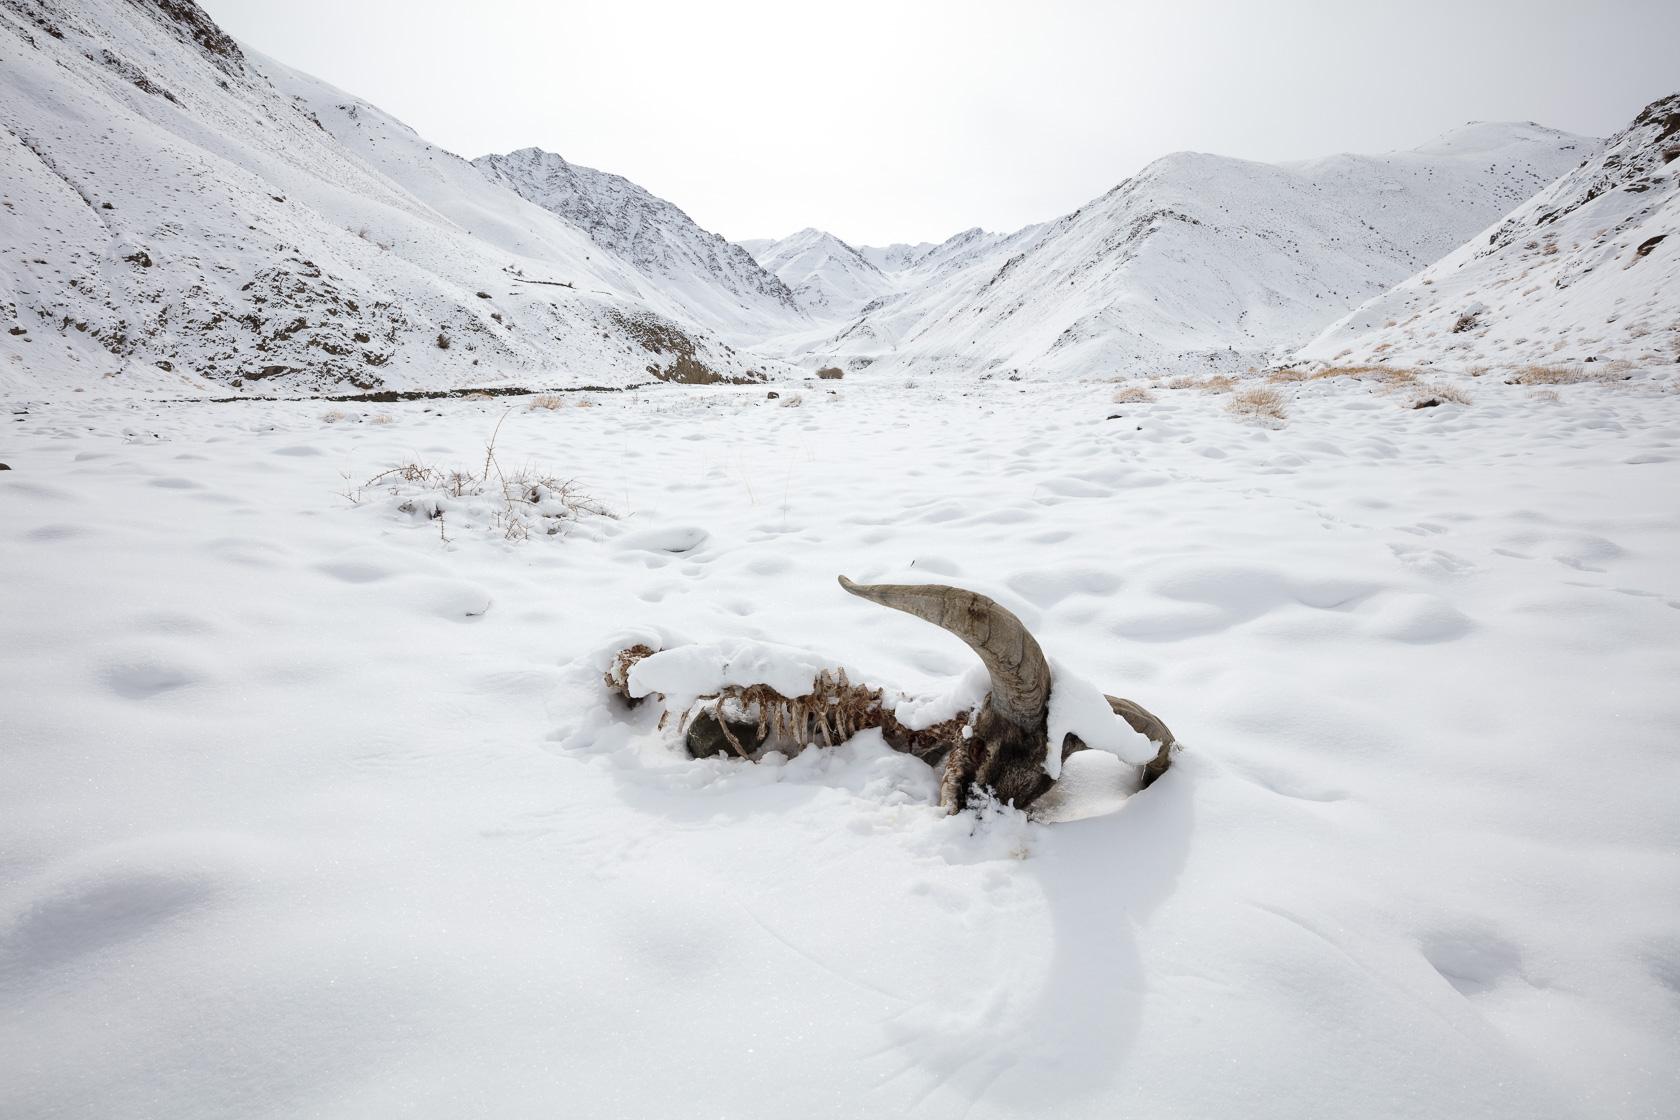 carcasse de male bharal (Pseudois nayaur) prédaté par des loups, Ladakh Inde